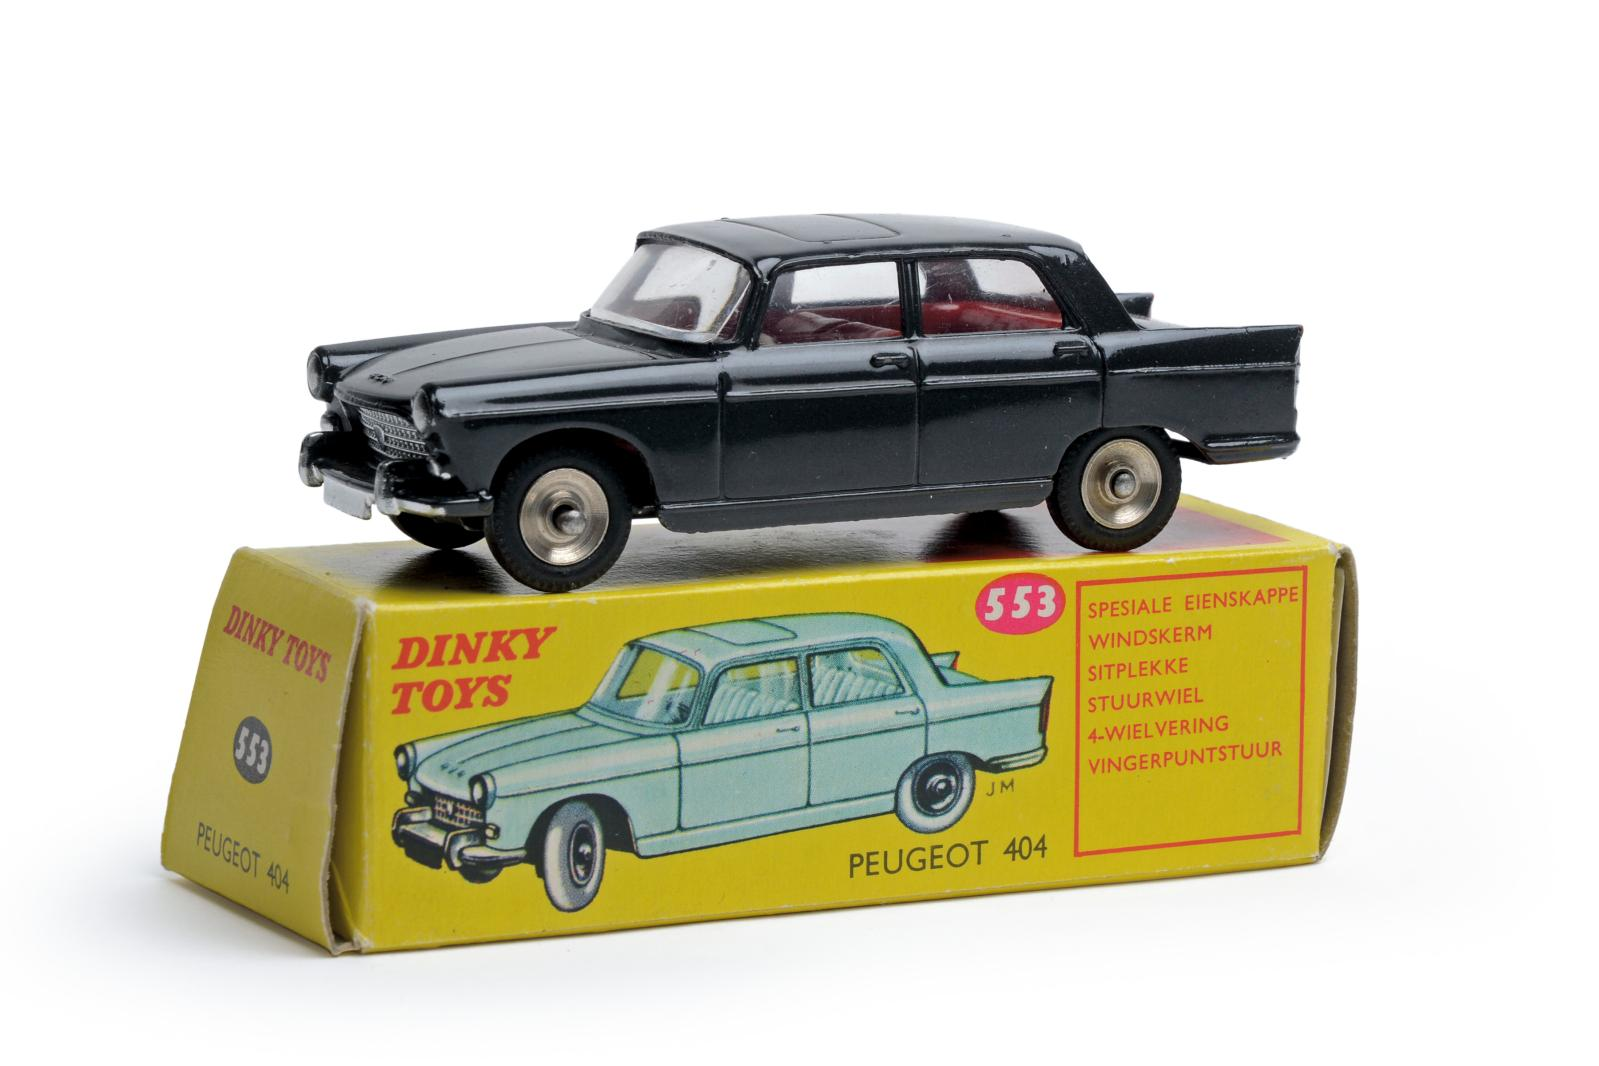 Dinky Toys France, échelle 1/43. Peugeot 404 à toit ouvrant, couleur gris anthracite métallisé, intérieur rouge vif (réf. 553). Chartres,